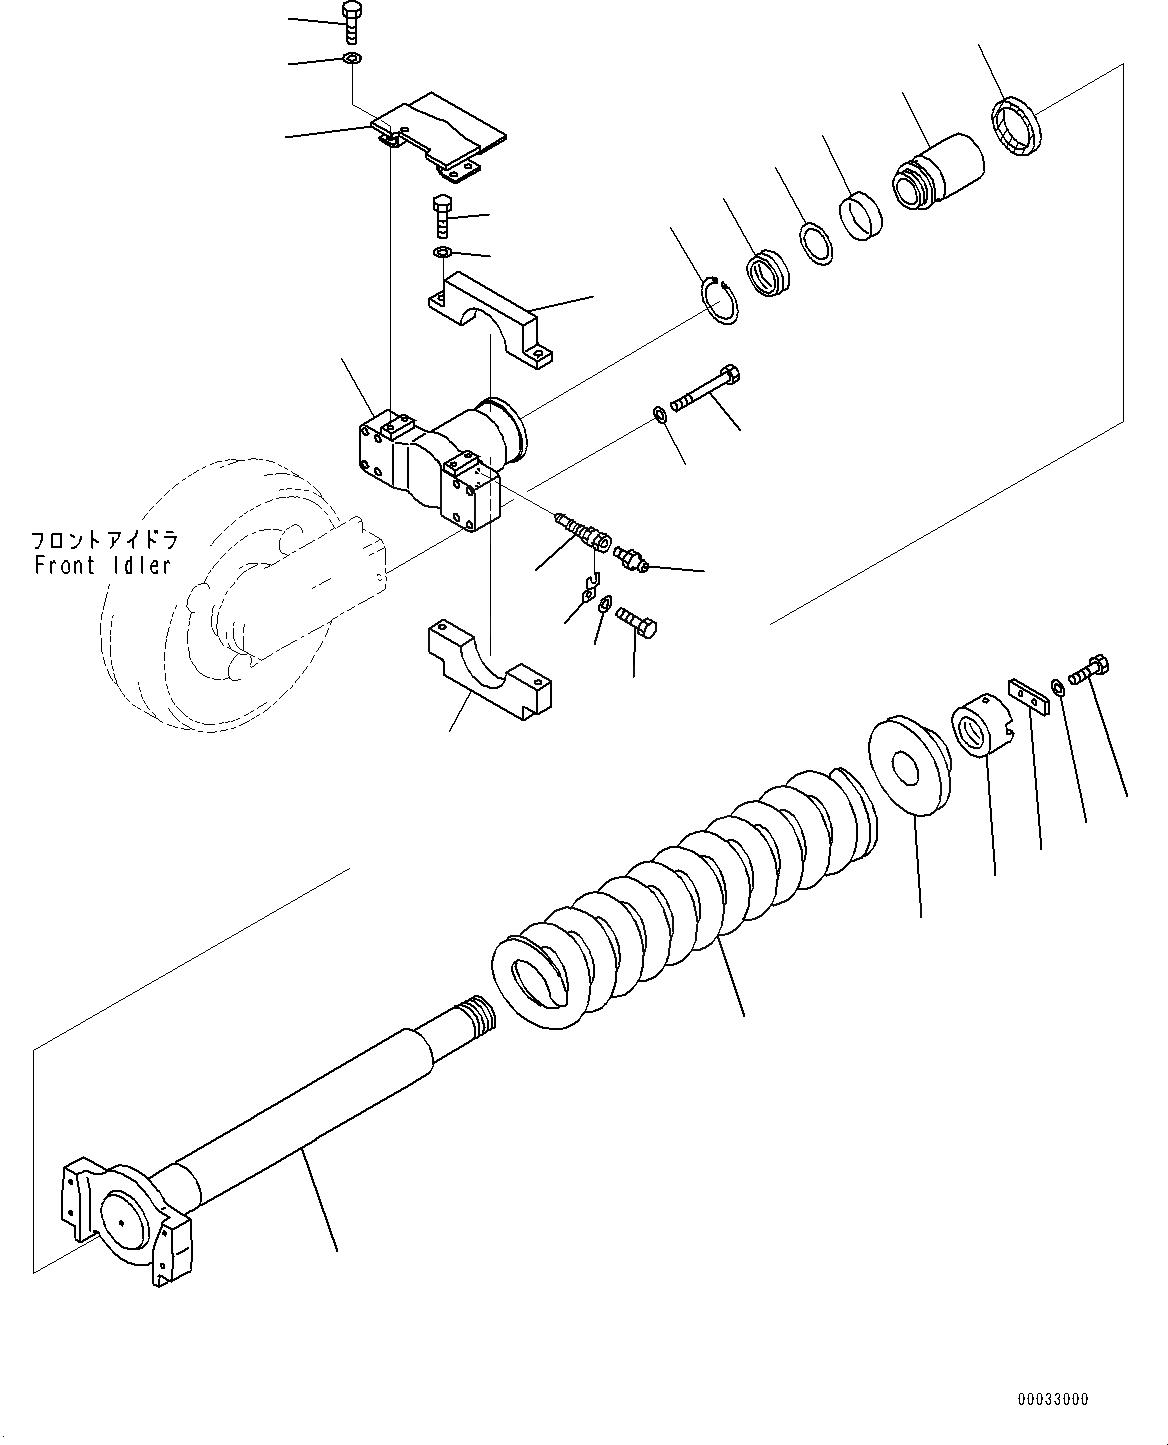 209-30-55121 Komatsu УПОРНАЯ ВИЛКА НАПРАВЛЯЮЩЕГО КОЛЕСА